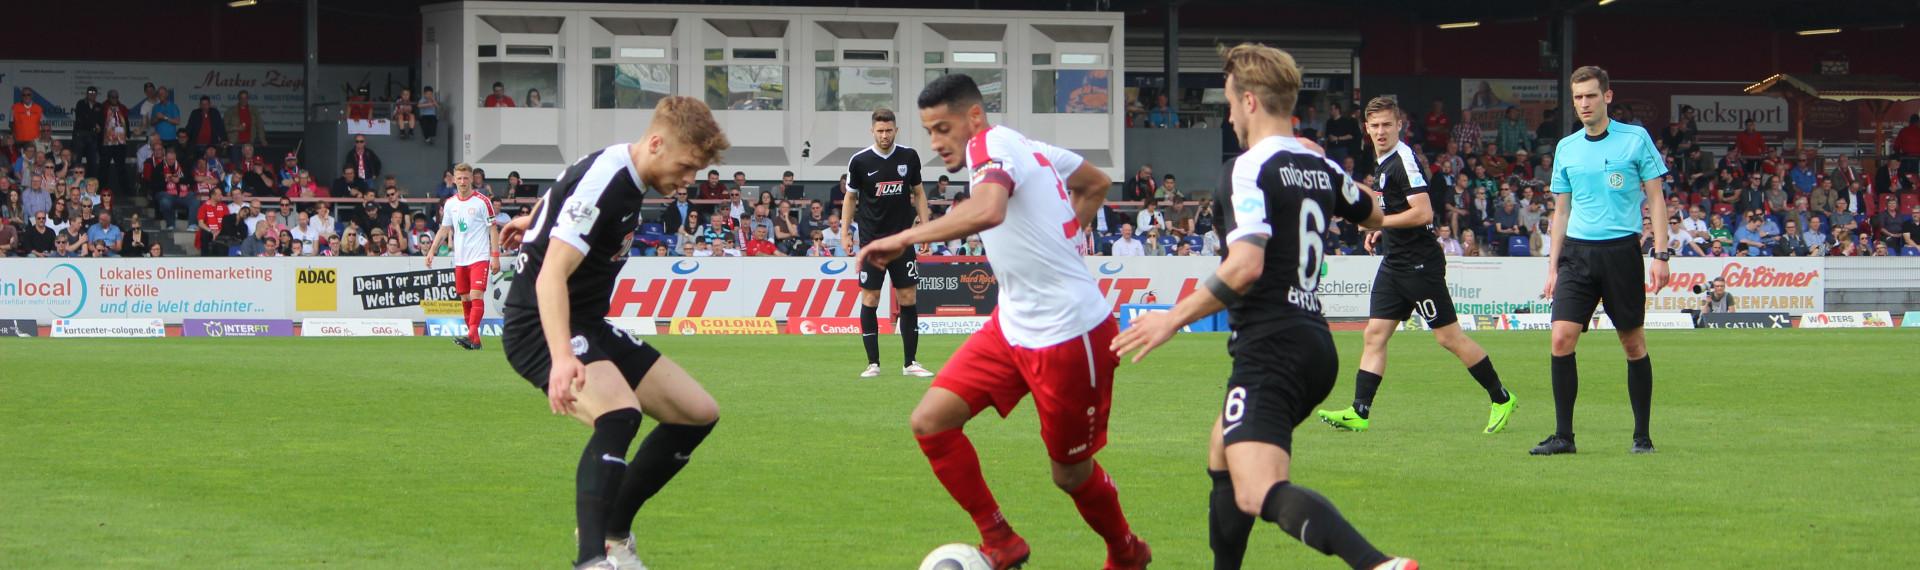 Erstes Heimspiel gegen Münster